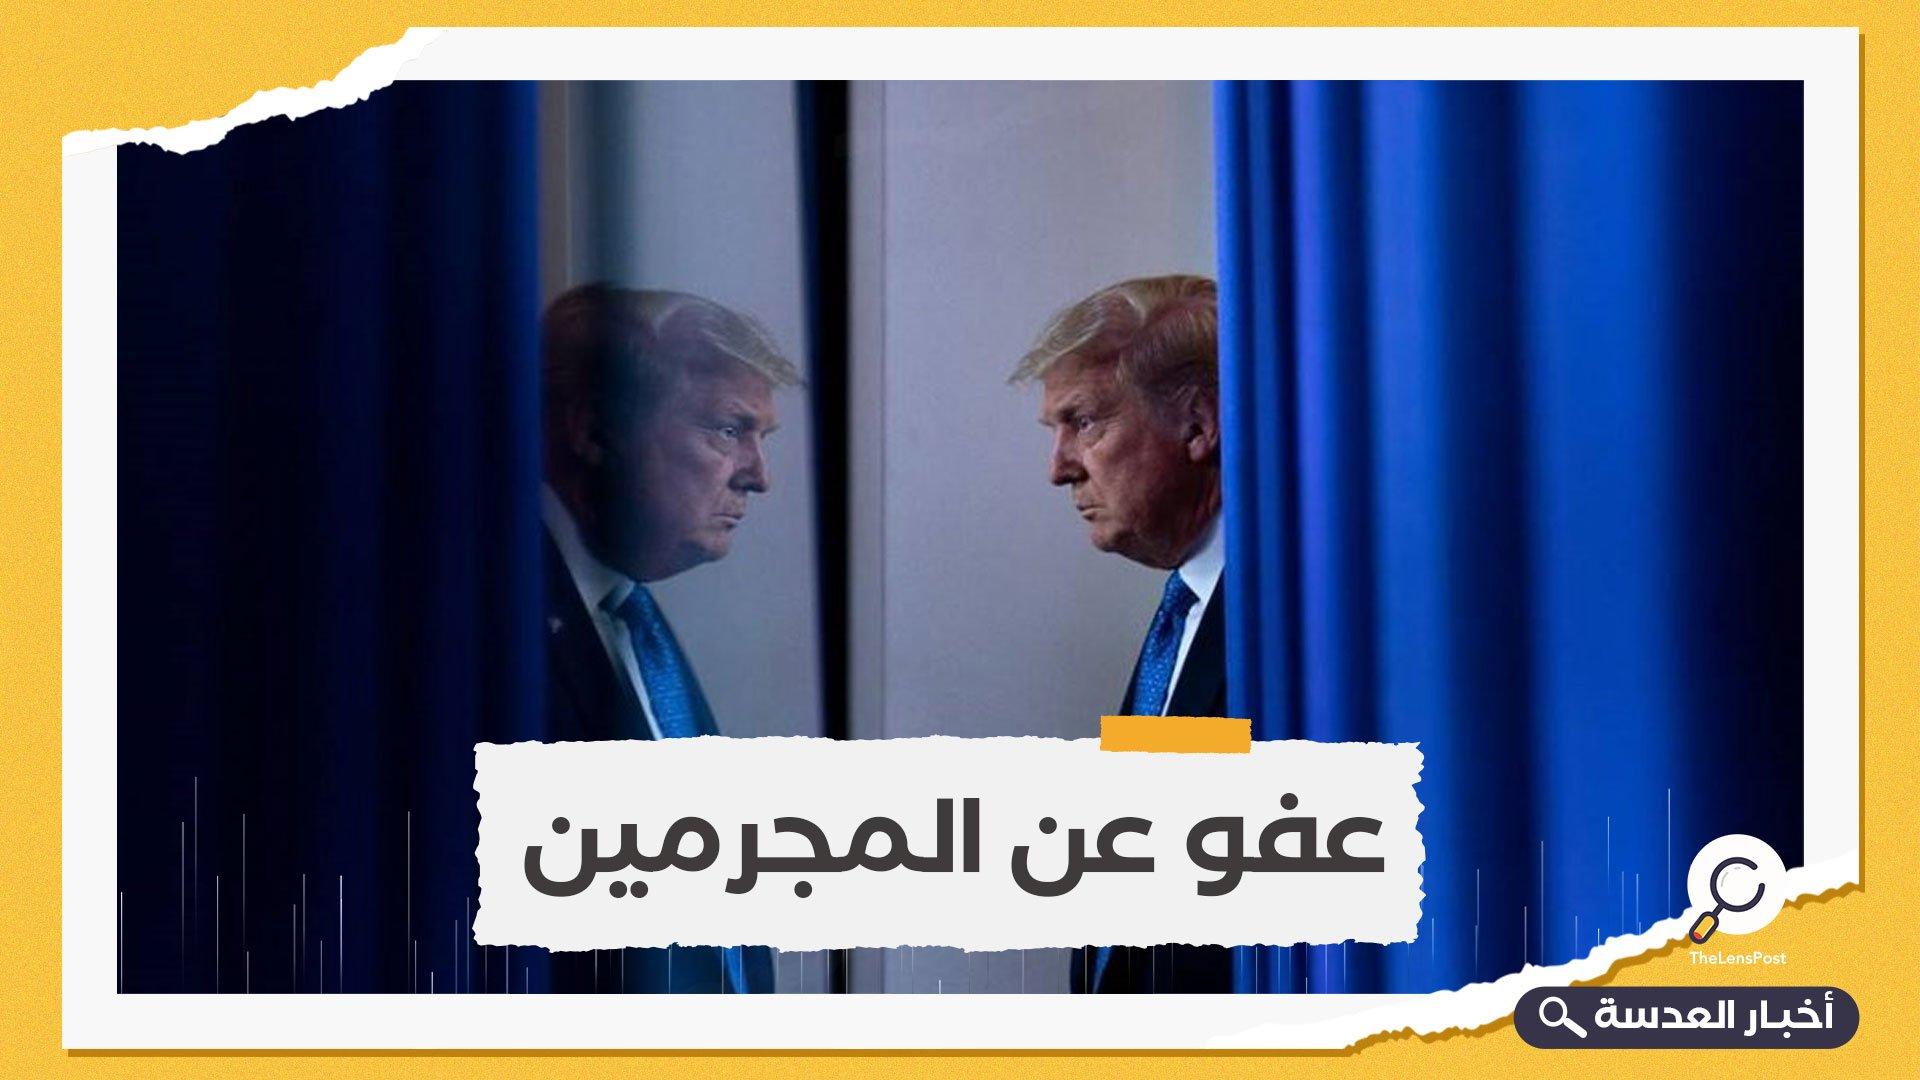 مقابل الدولارات.. ترامب يعفو عن مجرمي أمريكا في يومه الأخير